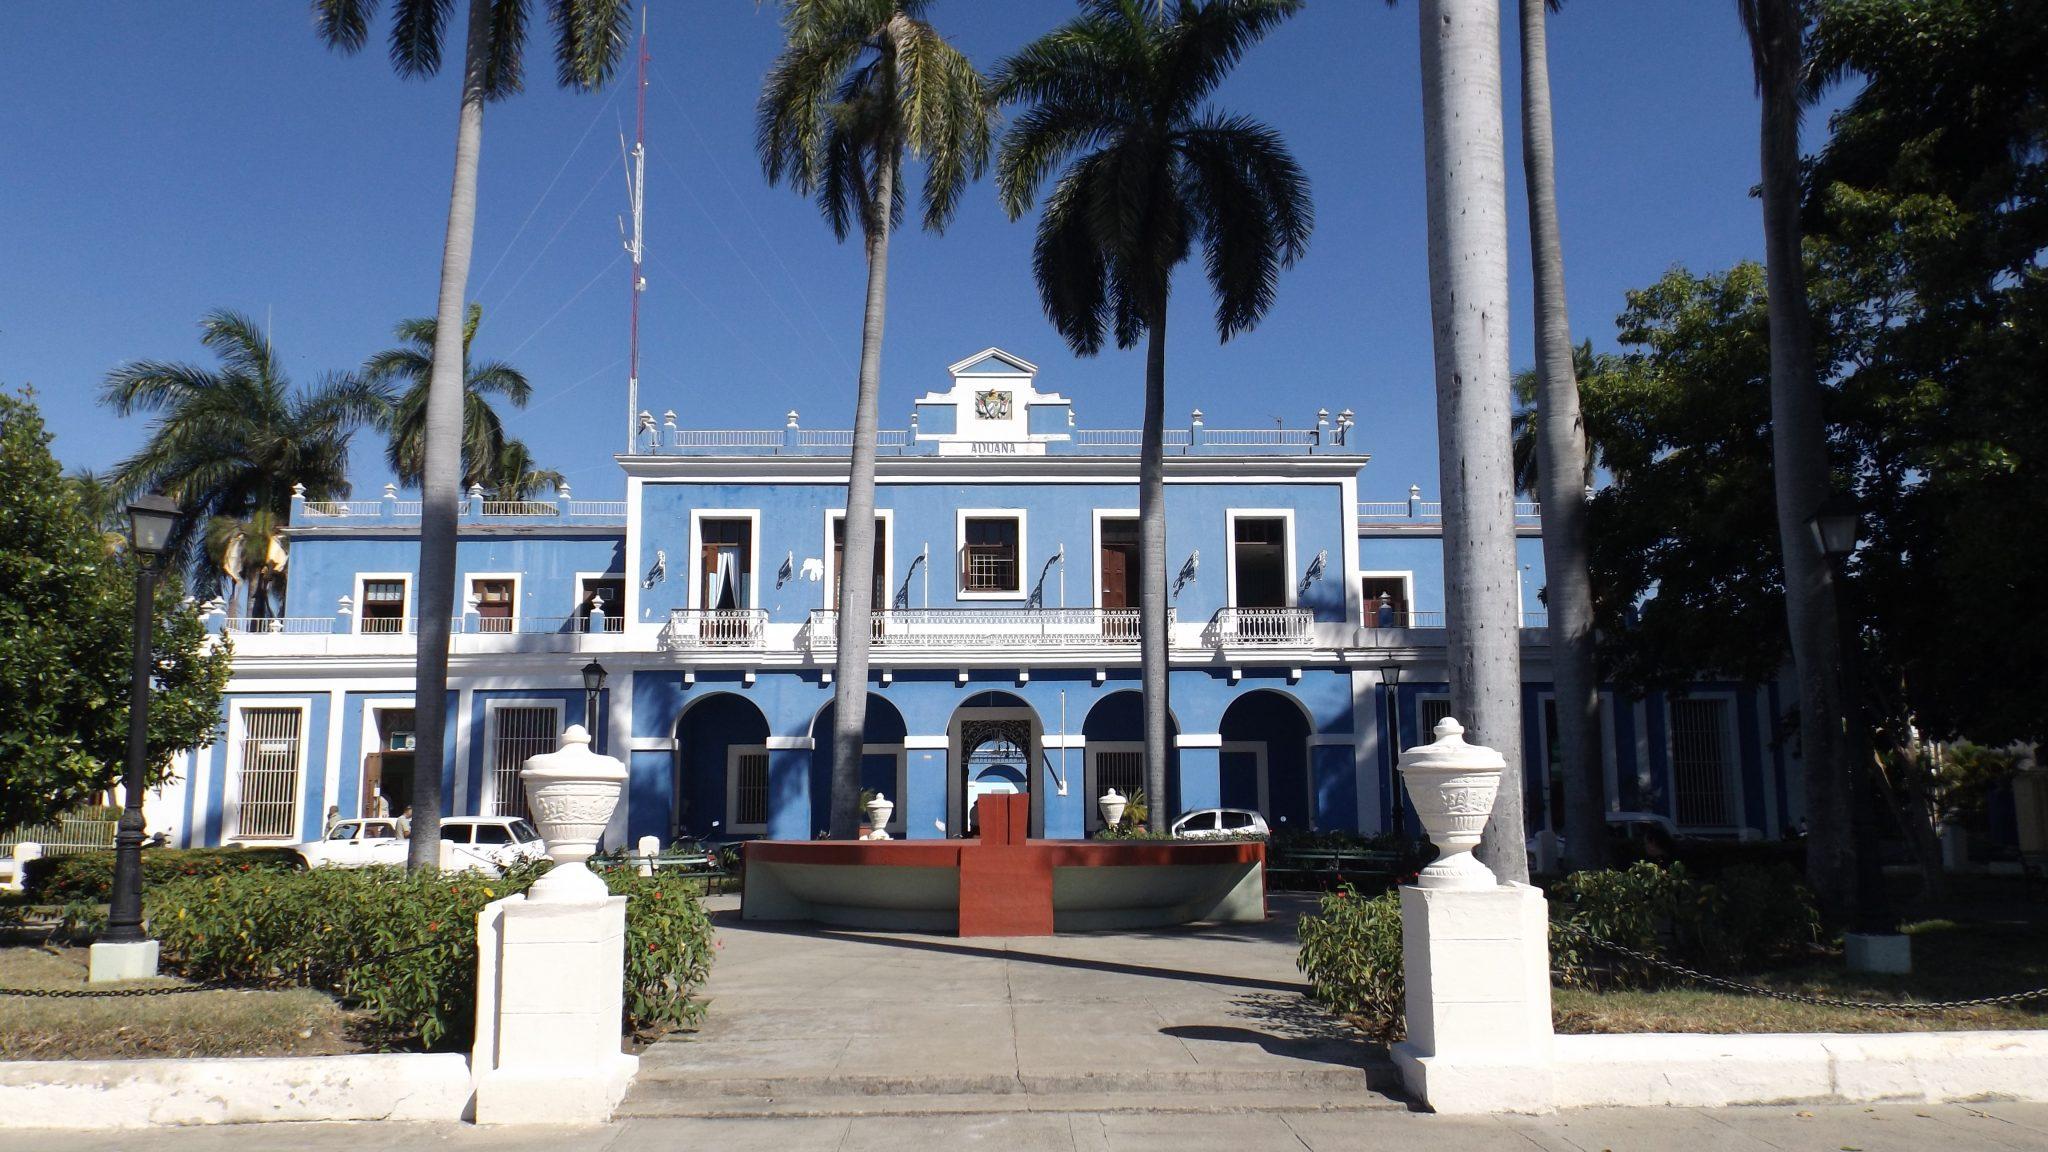 Img post Aduana. Qué ver en Cienfuegos. Muelle - Pasaporte y Millas